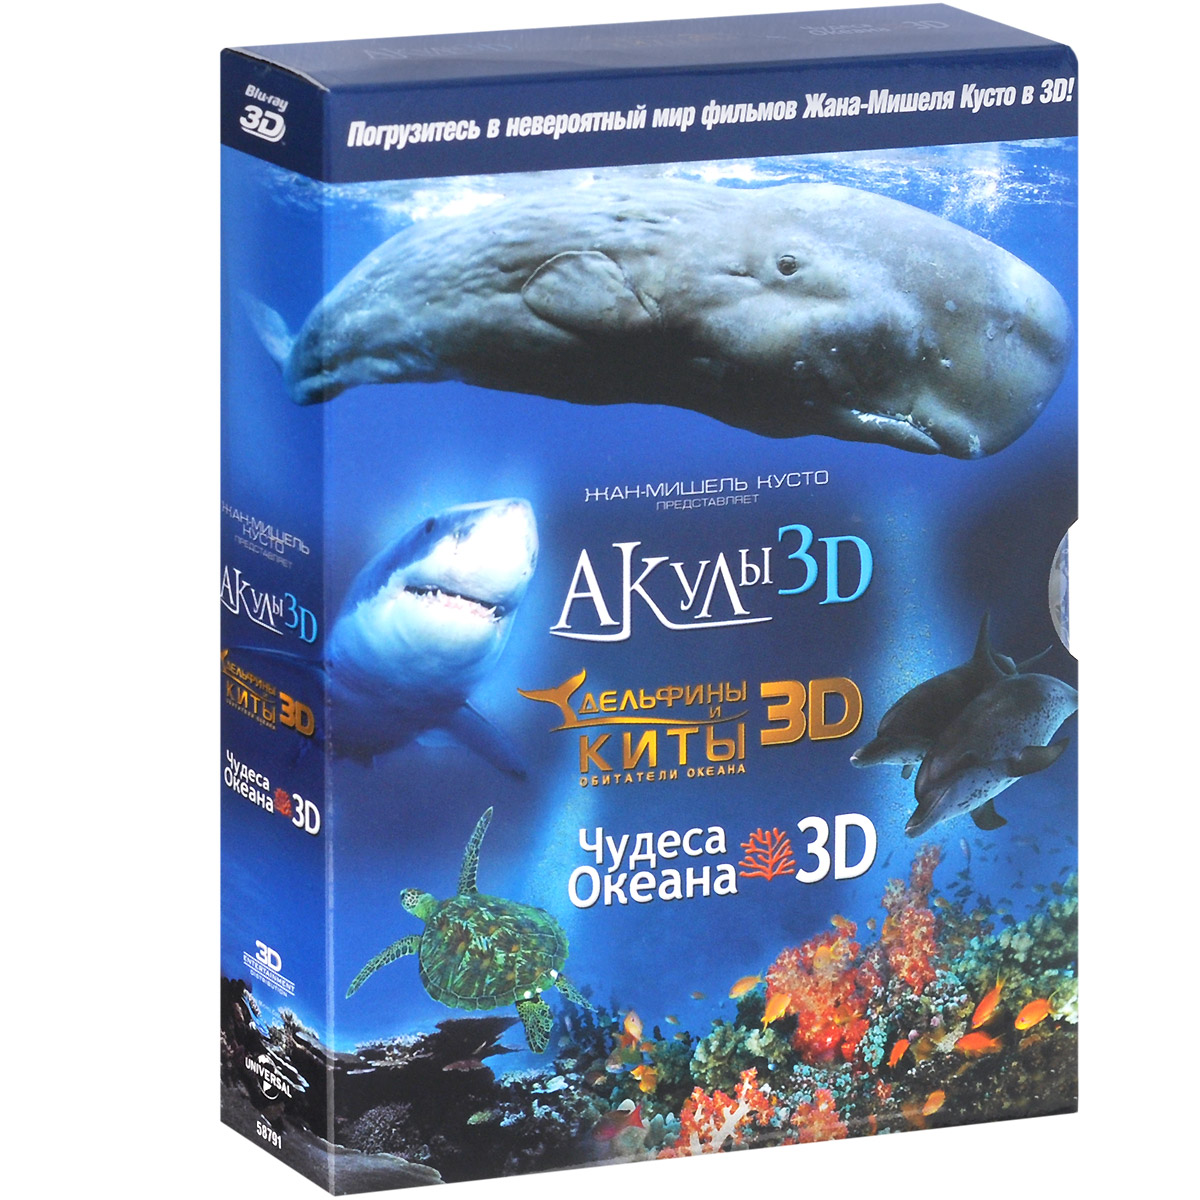 Жан-Мишель Кусто: Акулы / Дельфины и киты / Чудеса океана 3D и 2D (3 Blu-ray) стартрек бесконечность blu ray 3d 2d